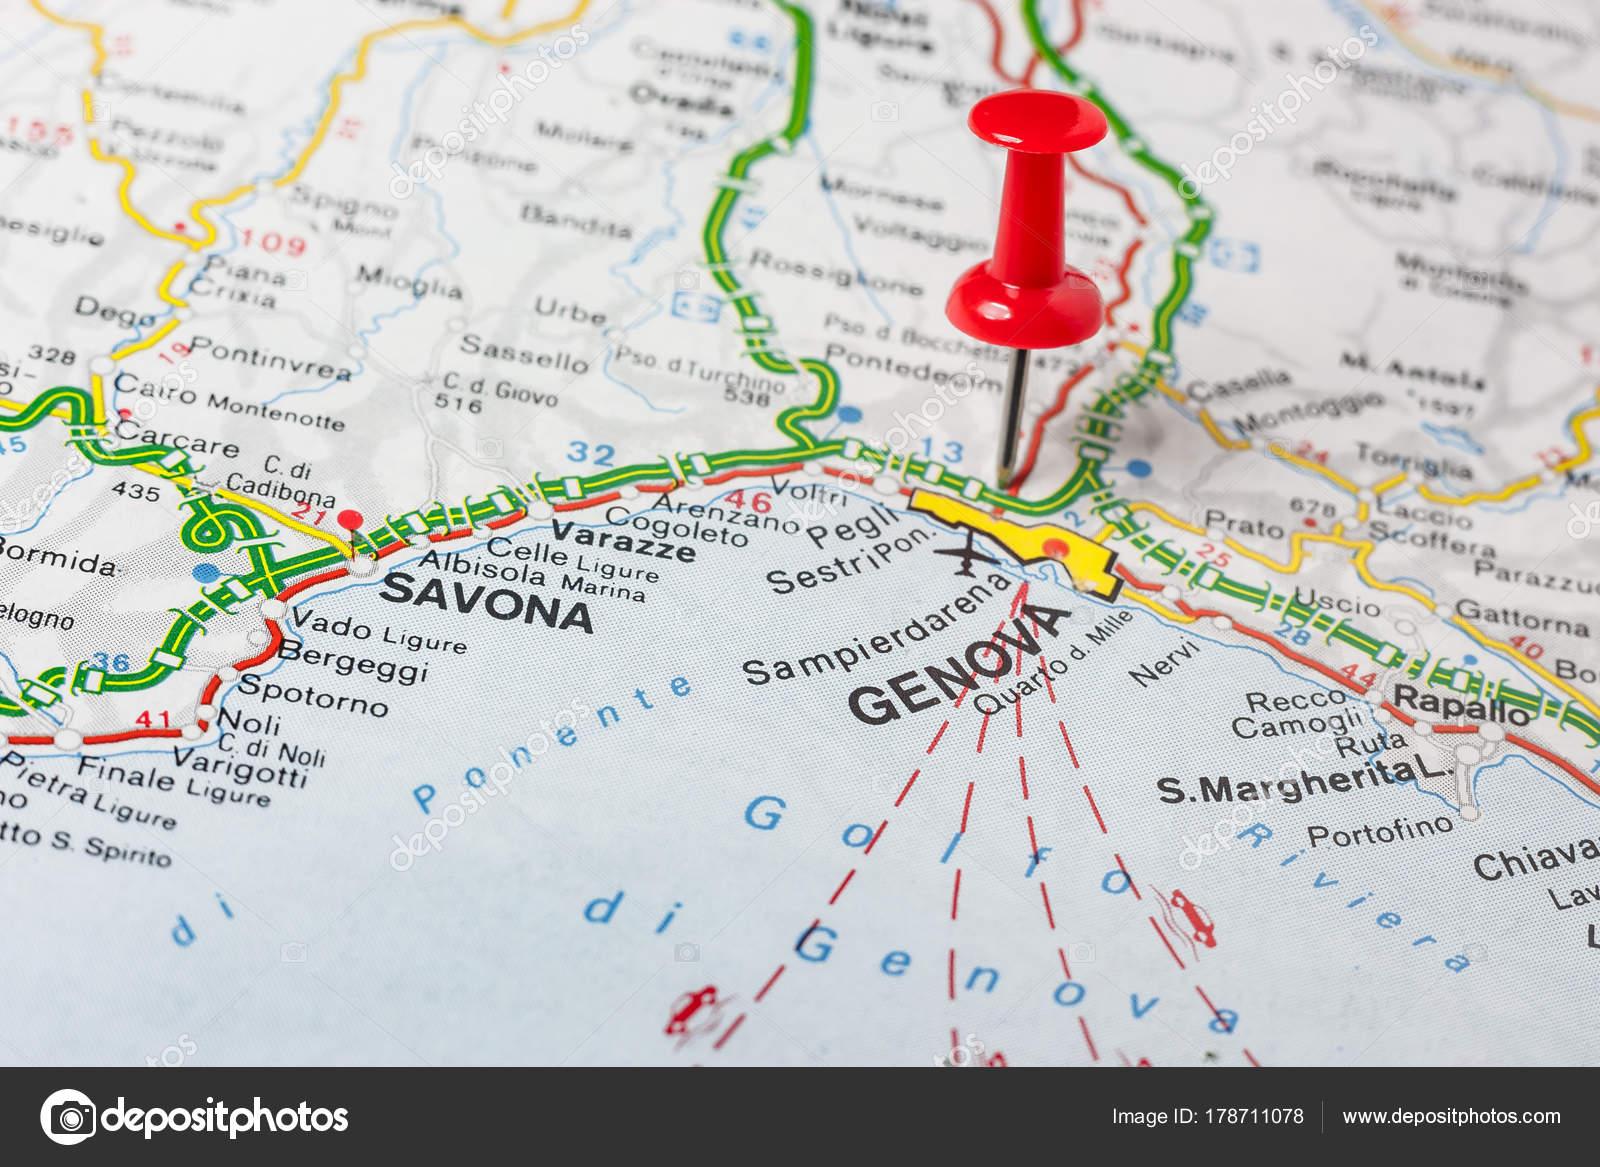 mapa de genova italia Eindhoven mapa | Genova en un mapa de Italia — Foto de stock  mapa de genova italia